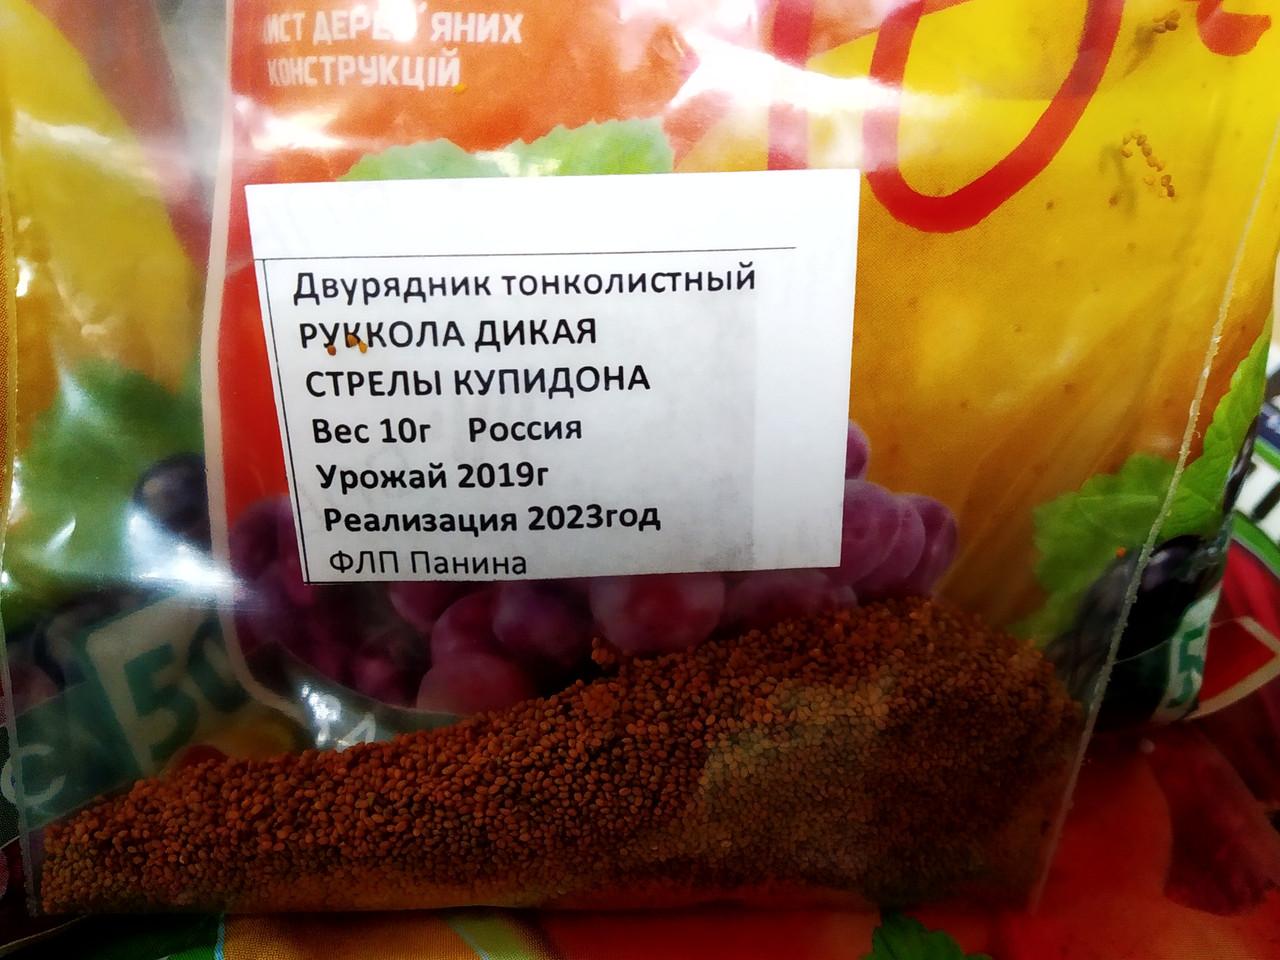 Семена рукколы дикой Стрелы Купидона многолетняя  10 грамм семян,  двурядник тонколистный Россия